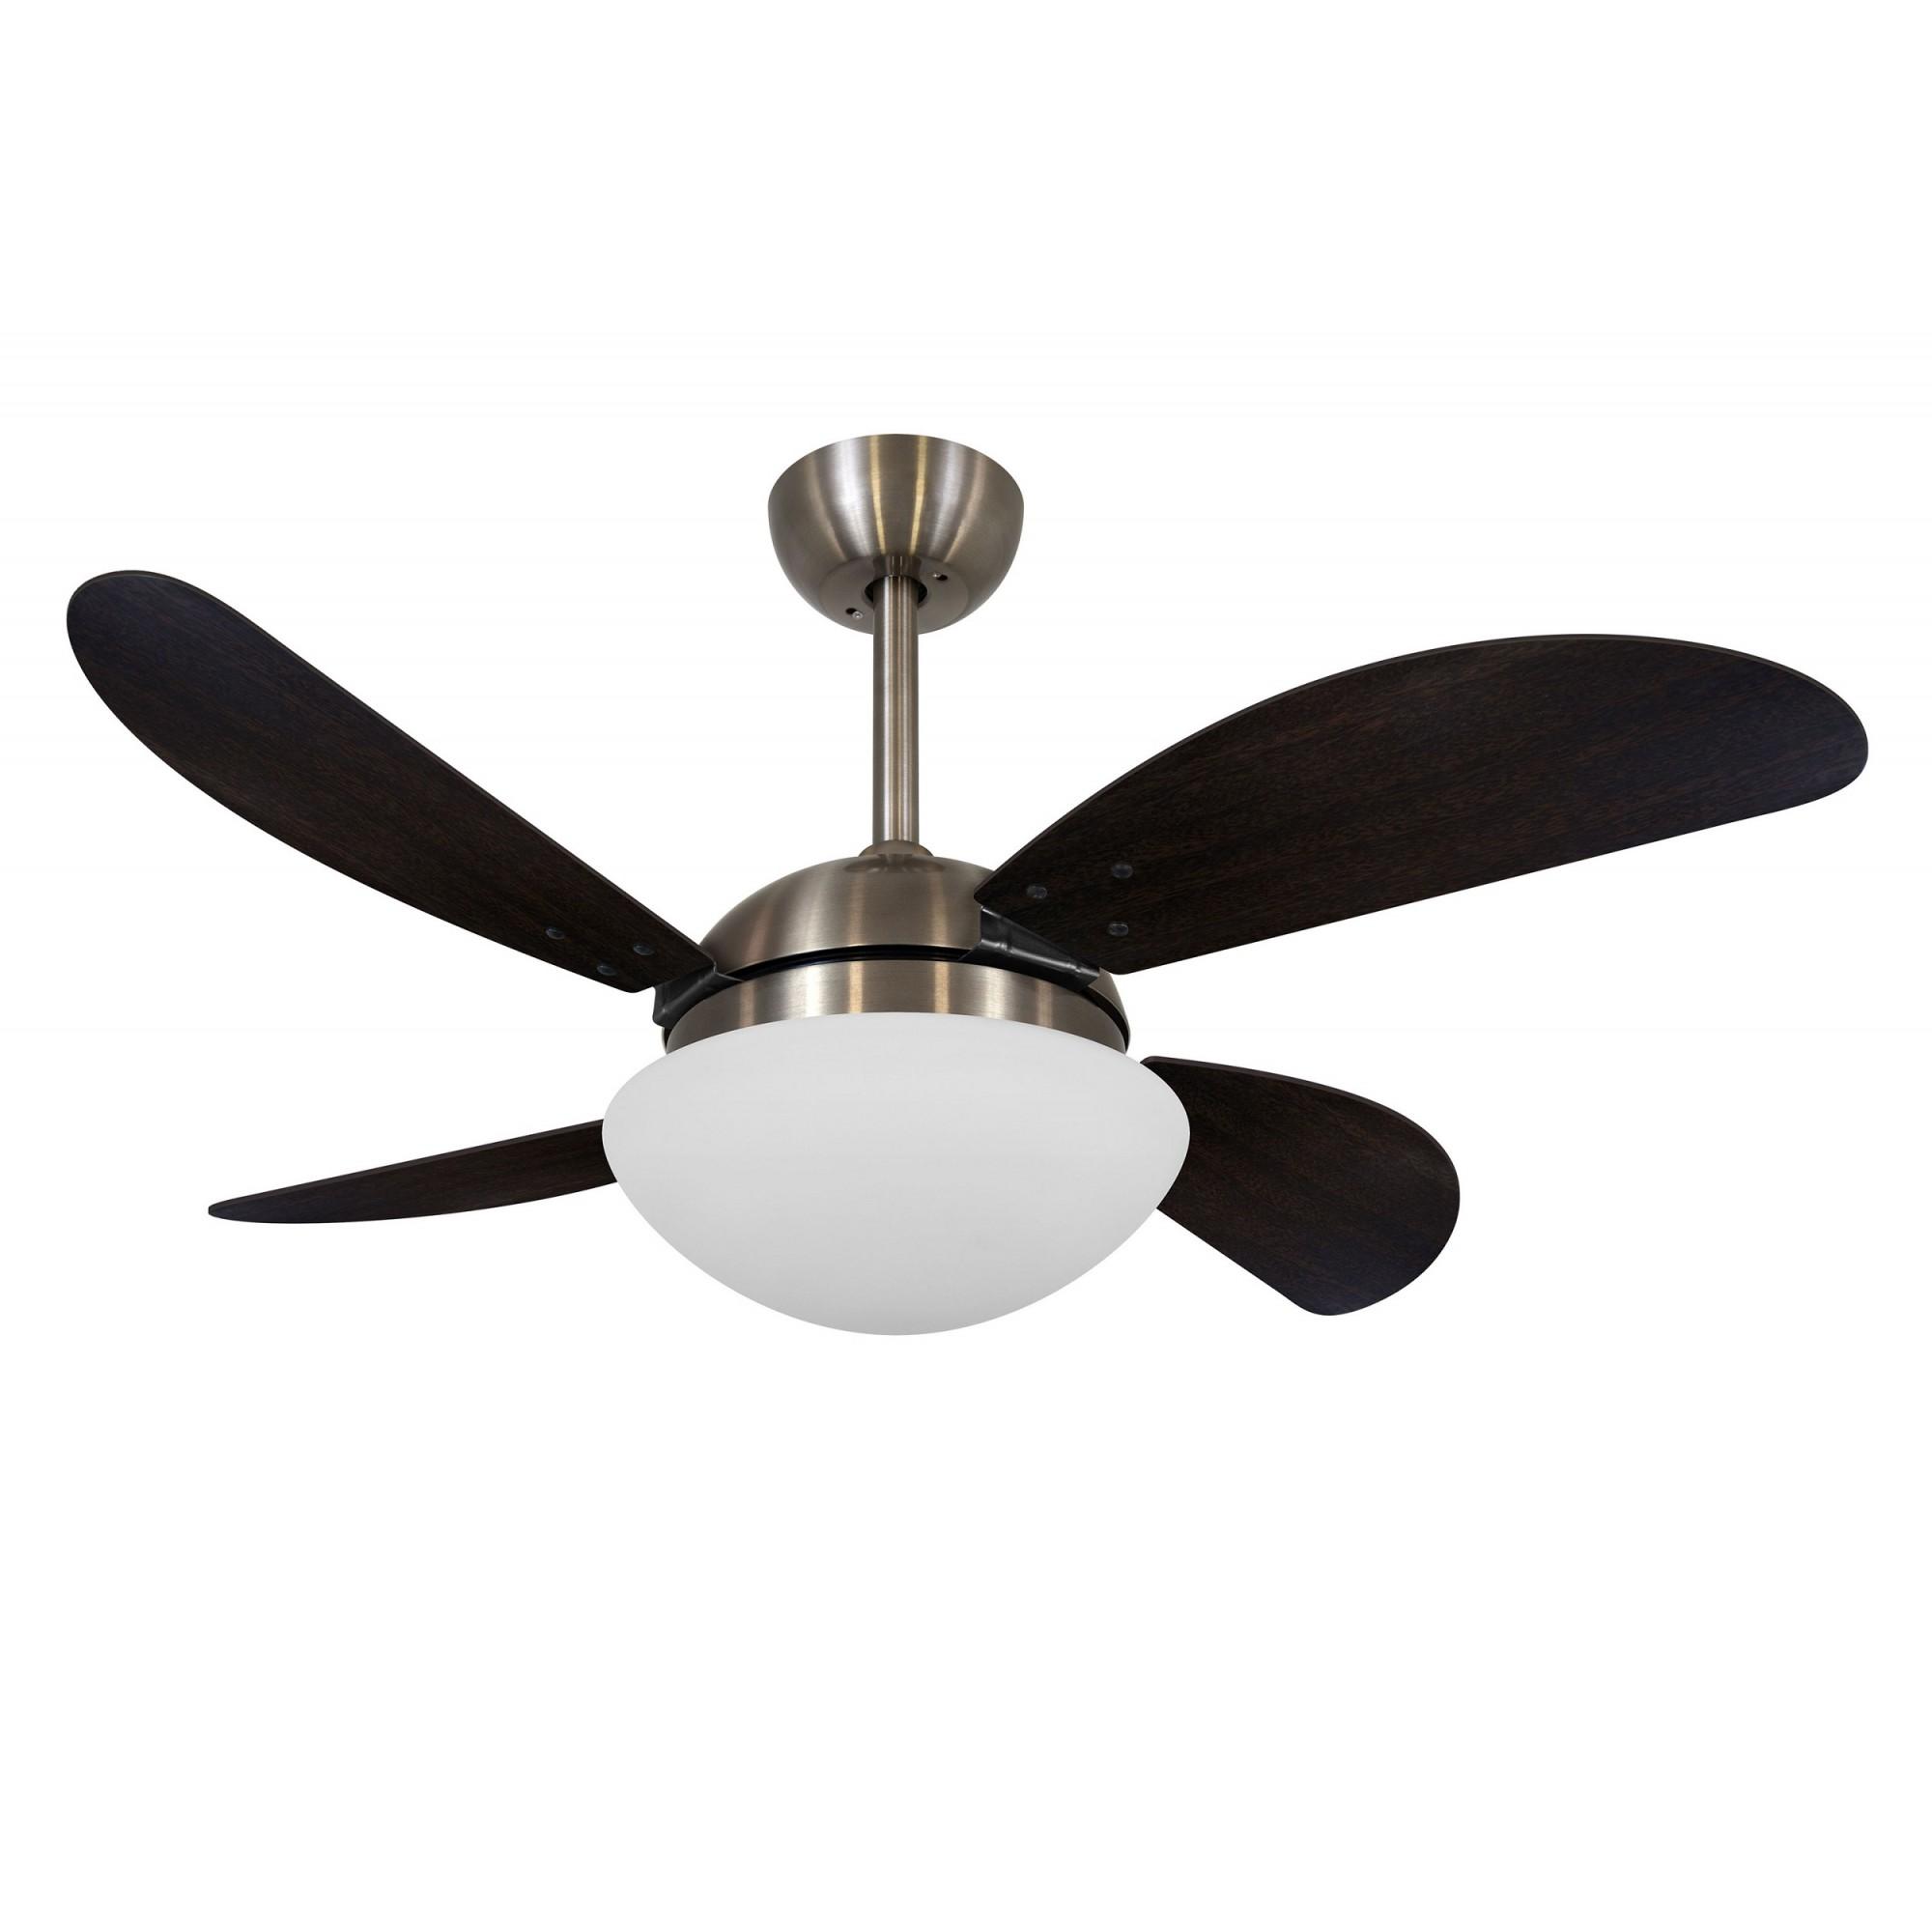 Ventilador de Teto VD42 Fly Bronze/Tb 110V+Controle Remoto